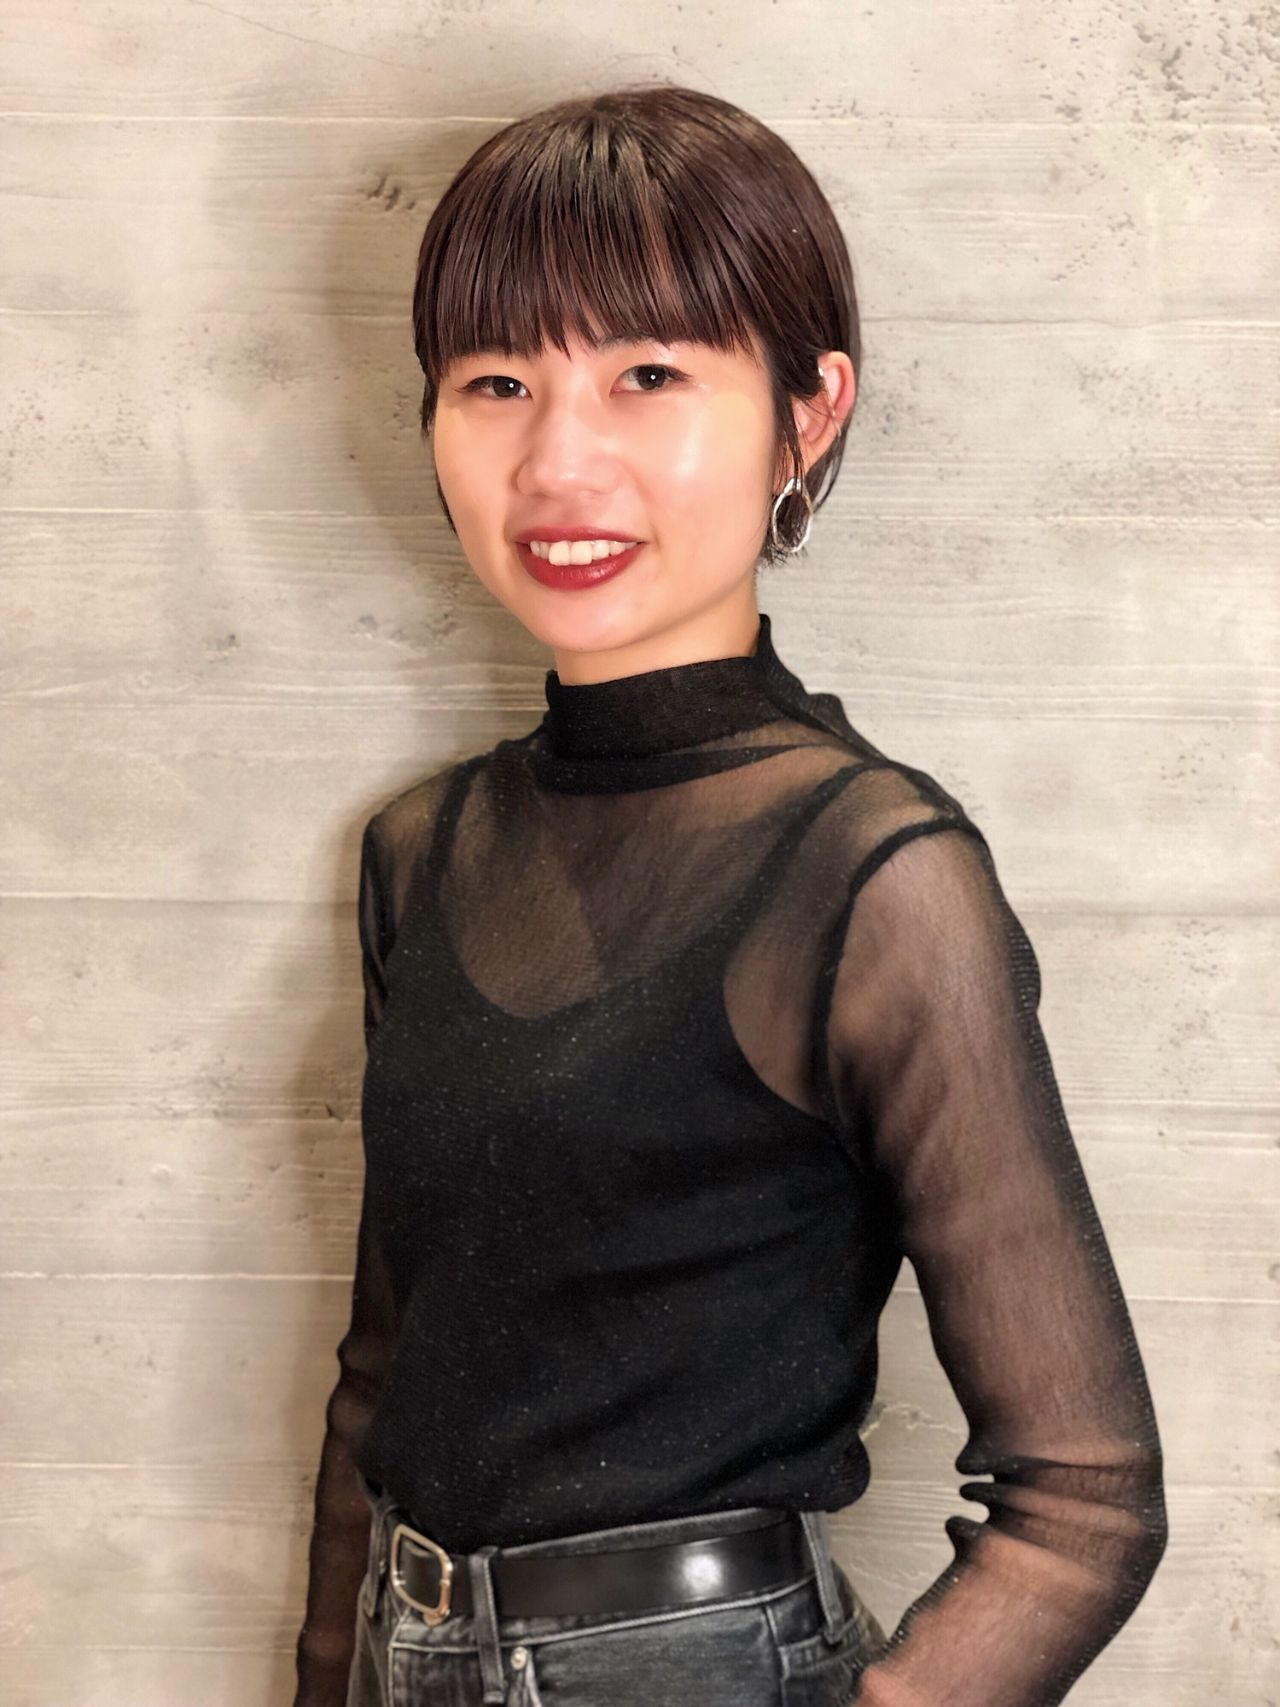 メンズグルーミングサロン 新宿店 赤松 初美